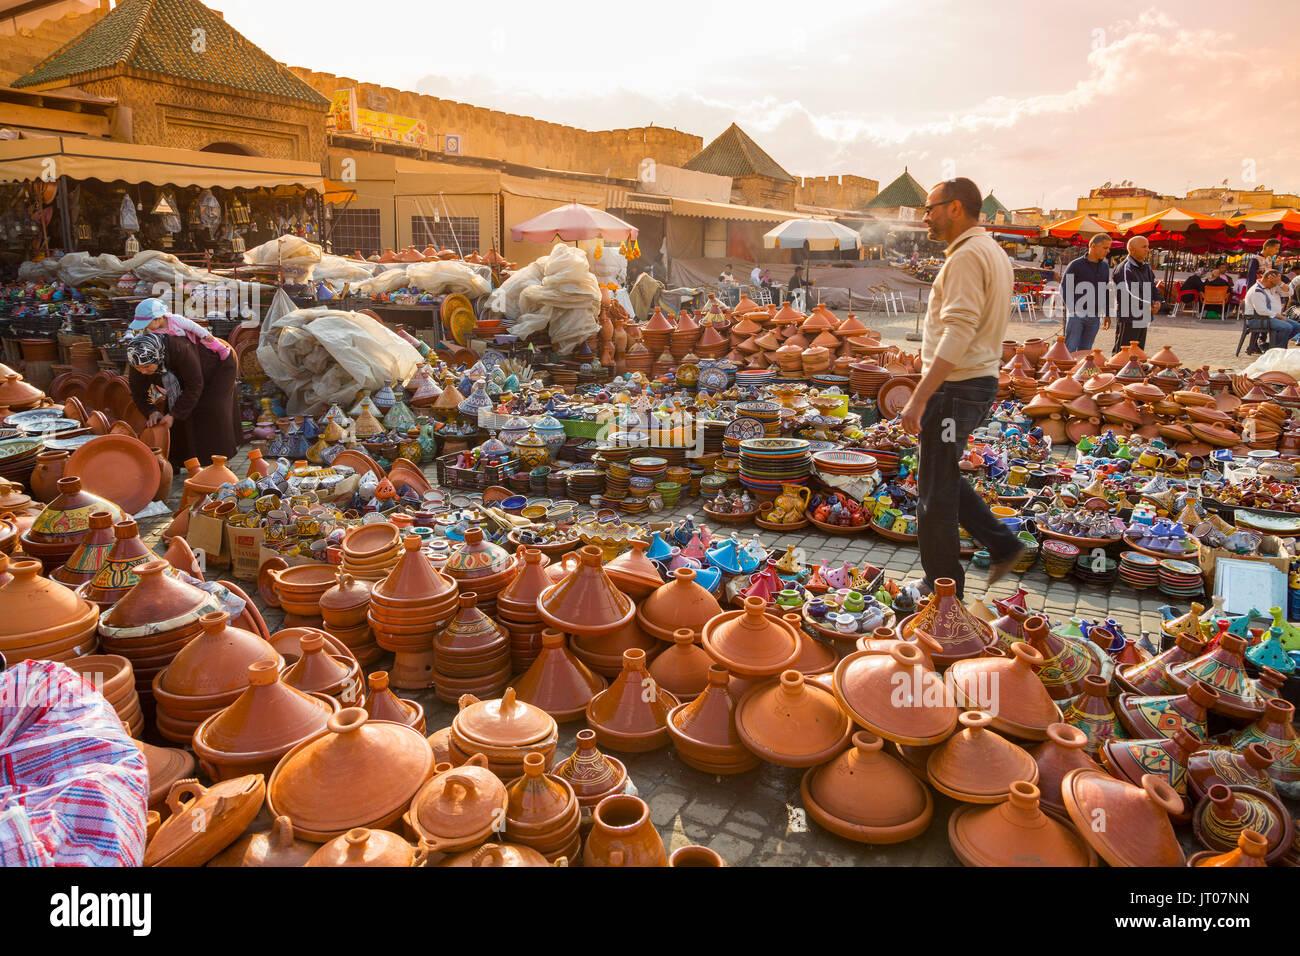 La poterie, tajines plats, ville impériale Meknès, Maroc, Maghreb, Afrique du Nord Photo Stock